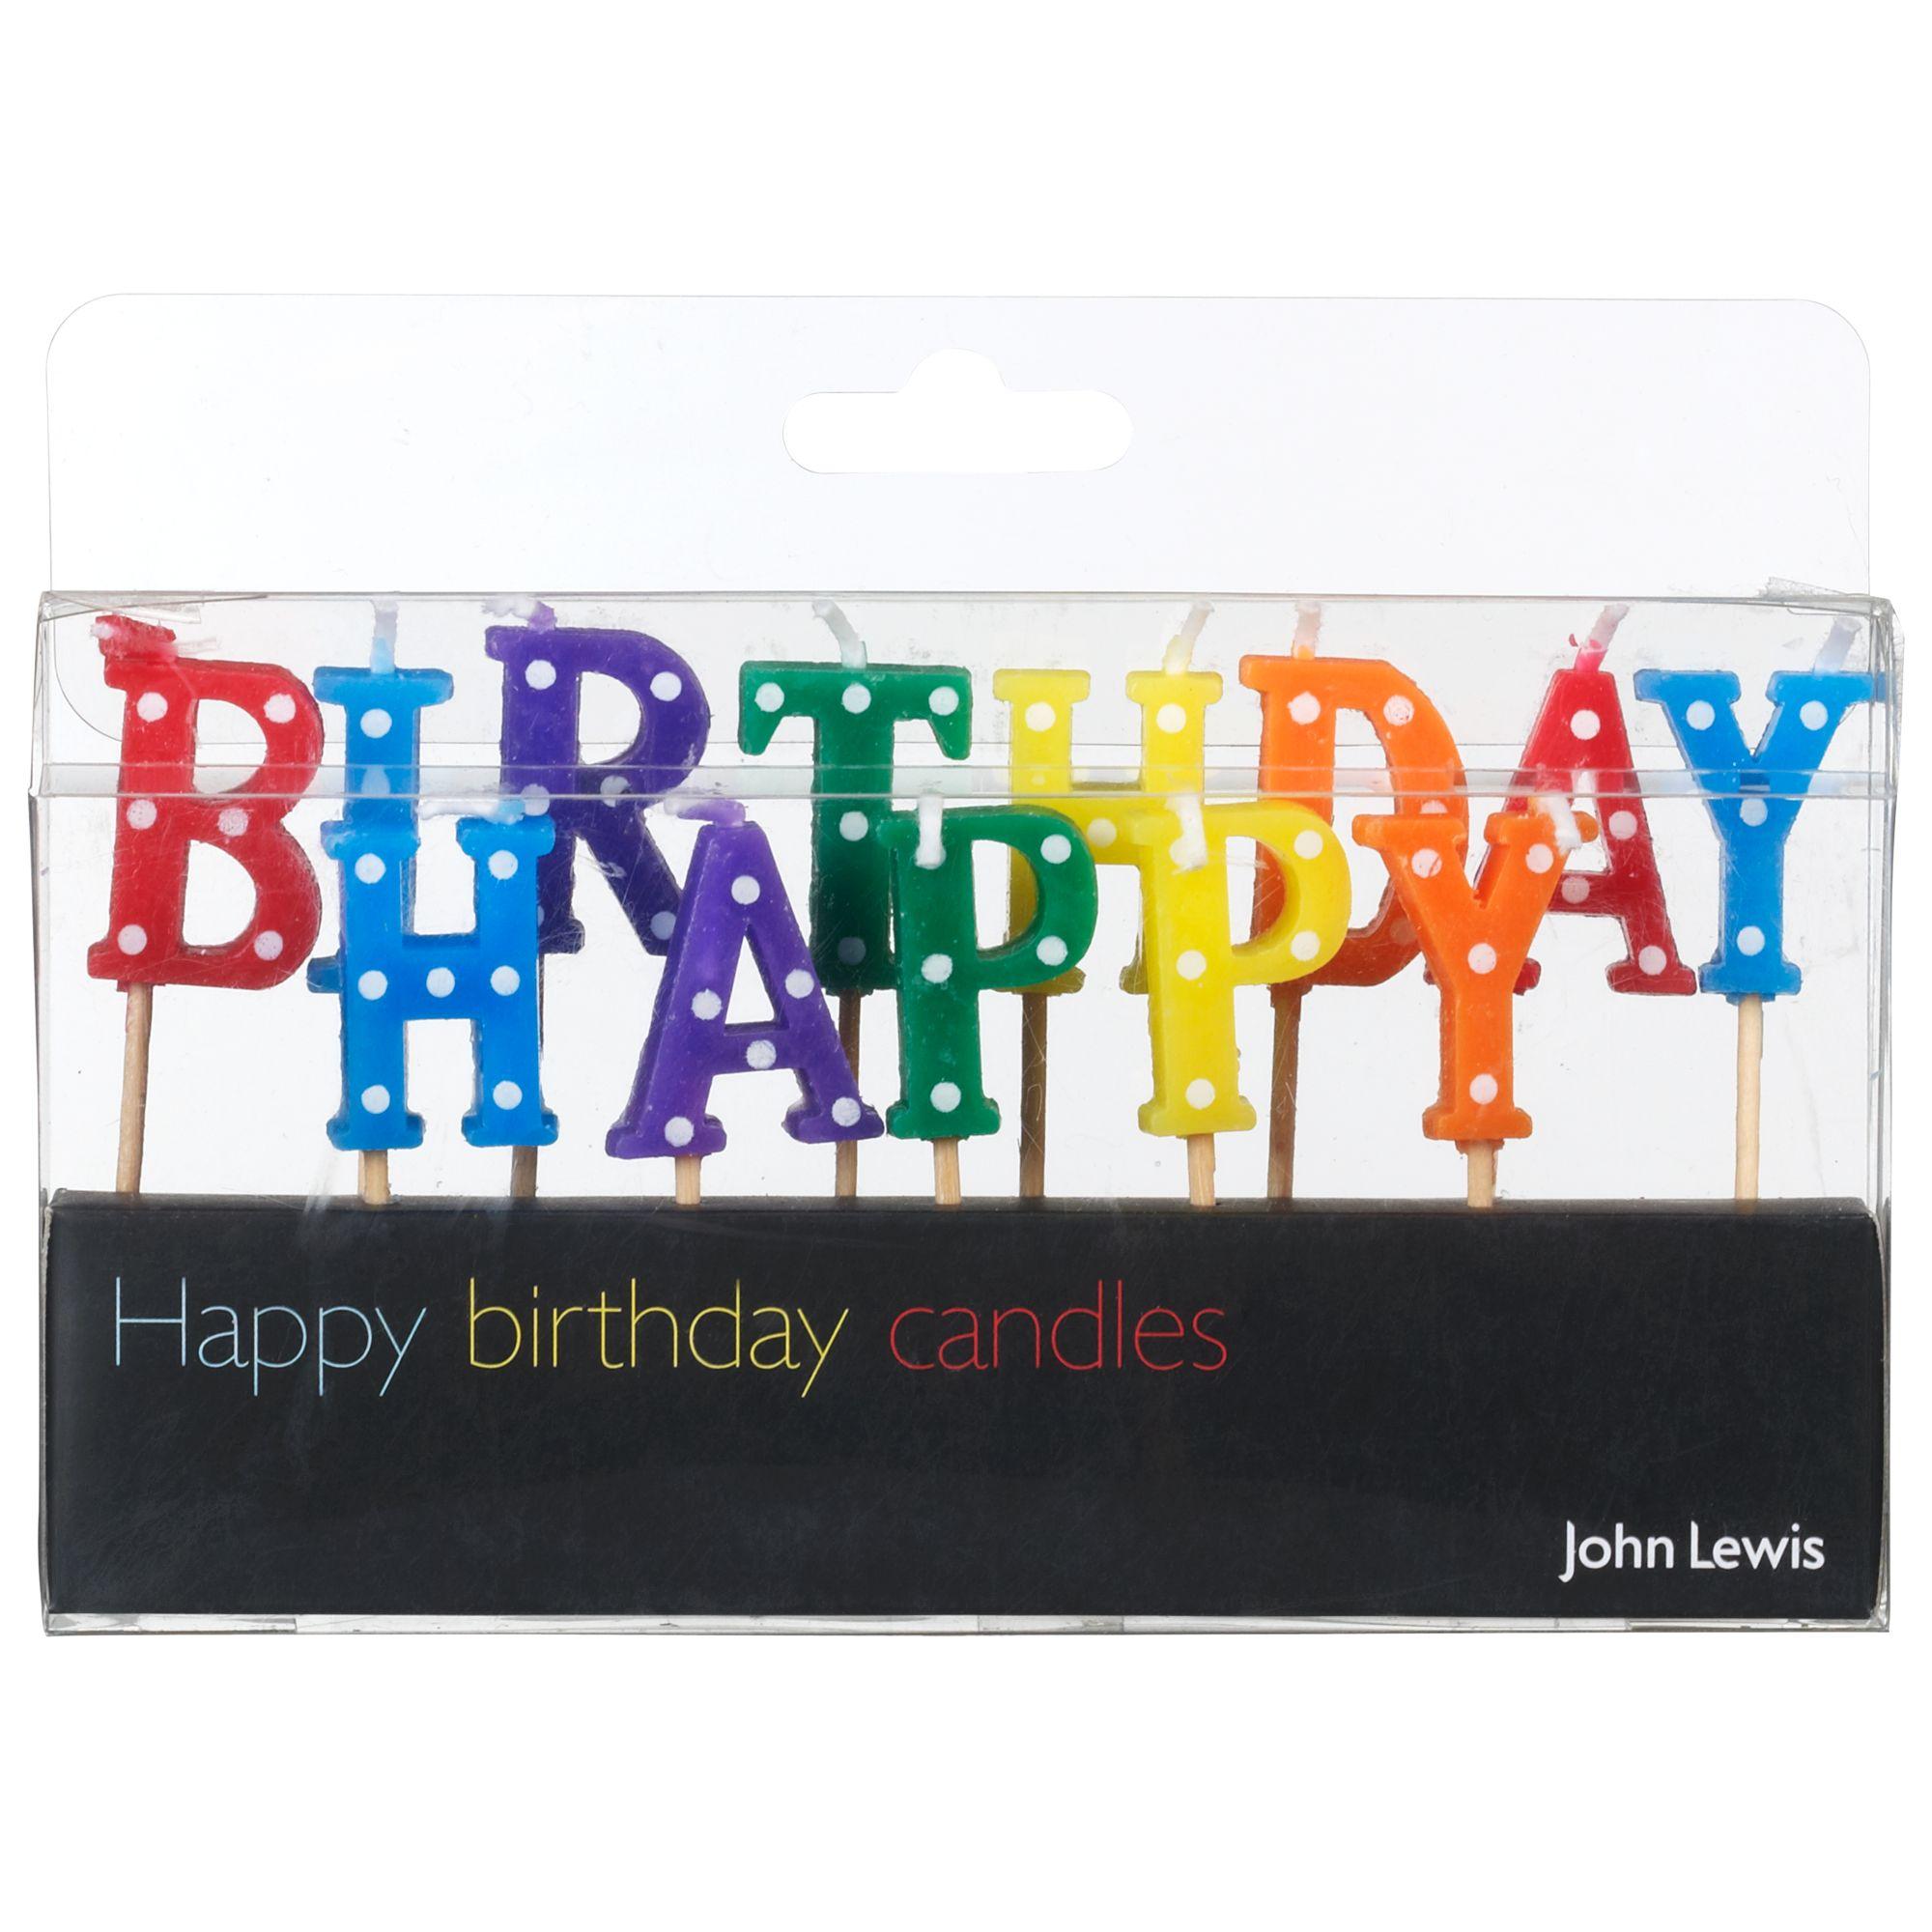 Birthday Cake John Lewis : Buy John Lewis  Happy Birthday  Candles John Lewis